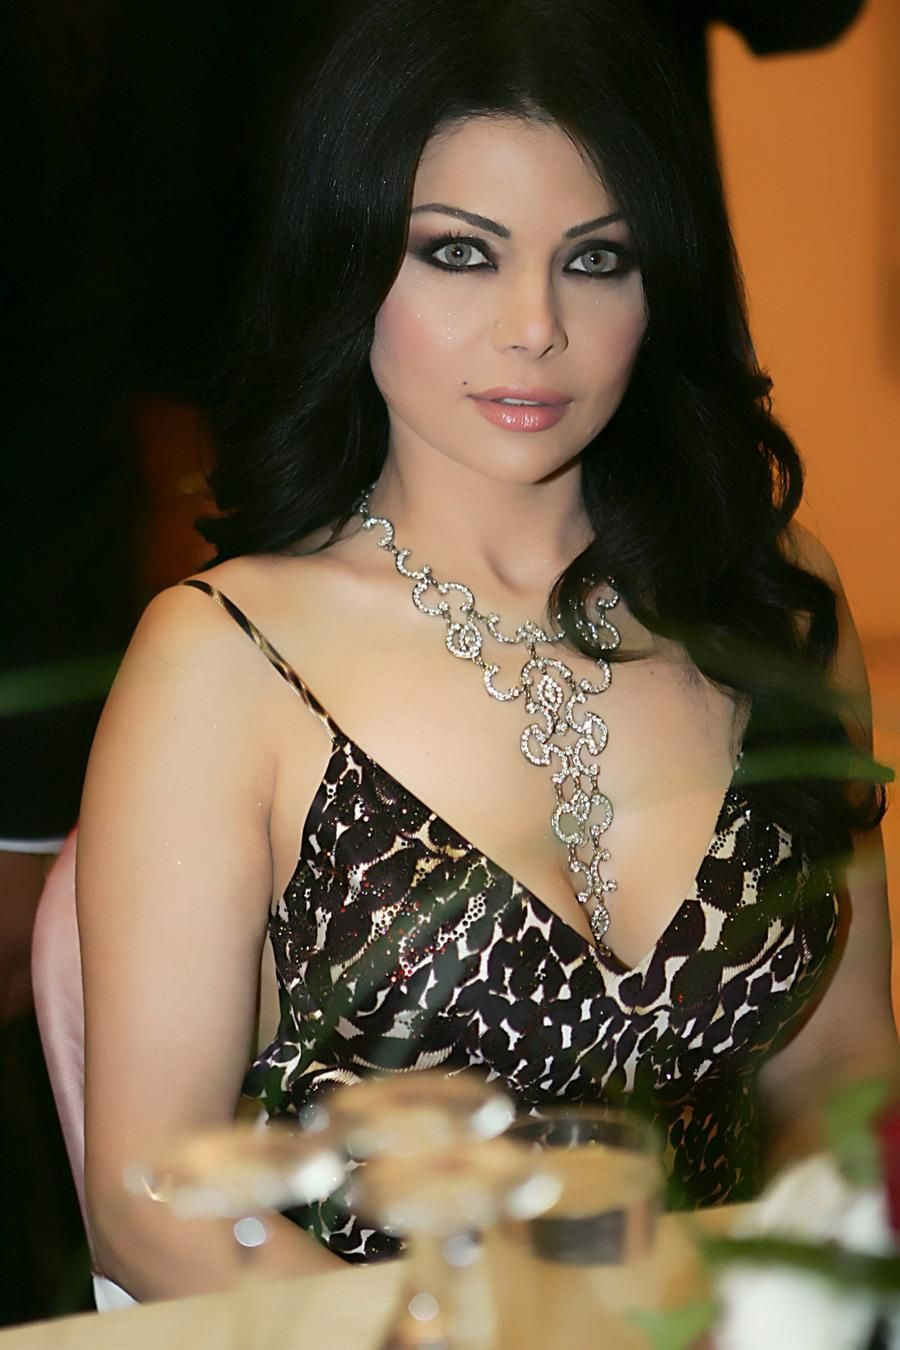 Foto hot hayfa wehbeh 17